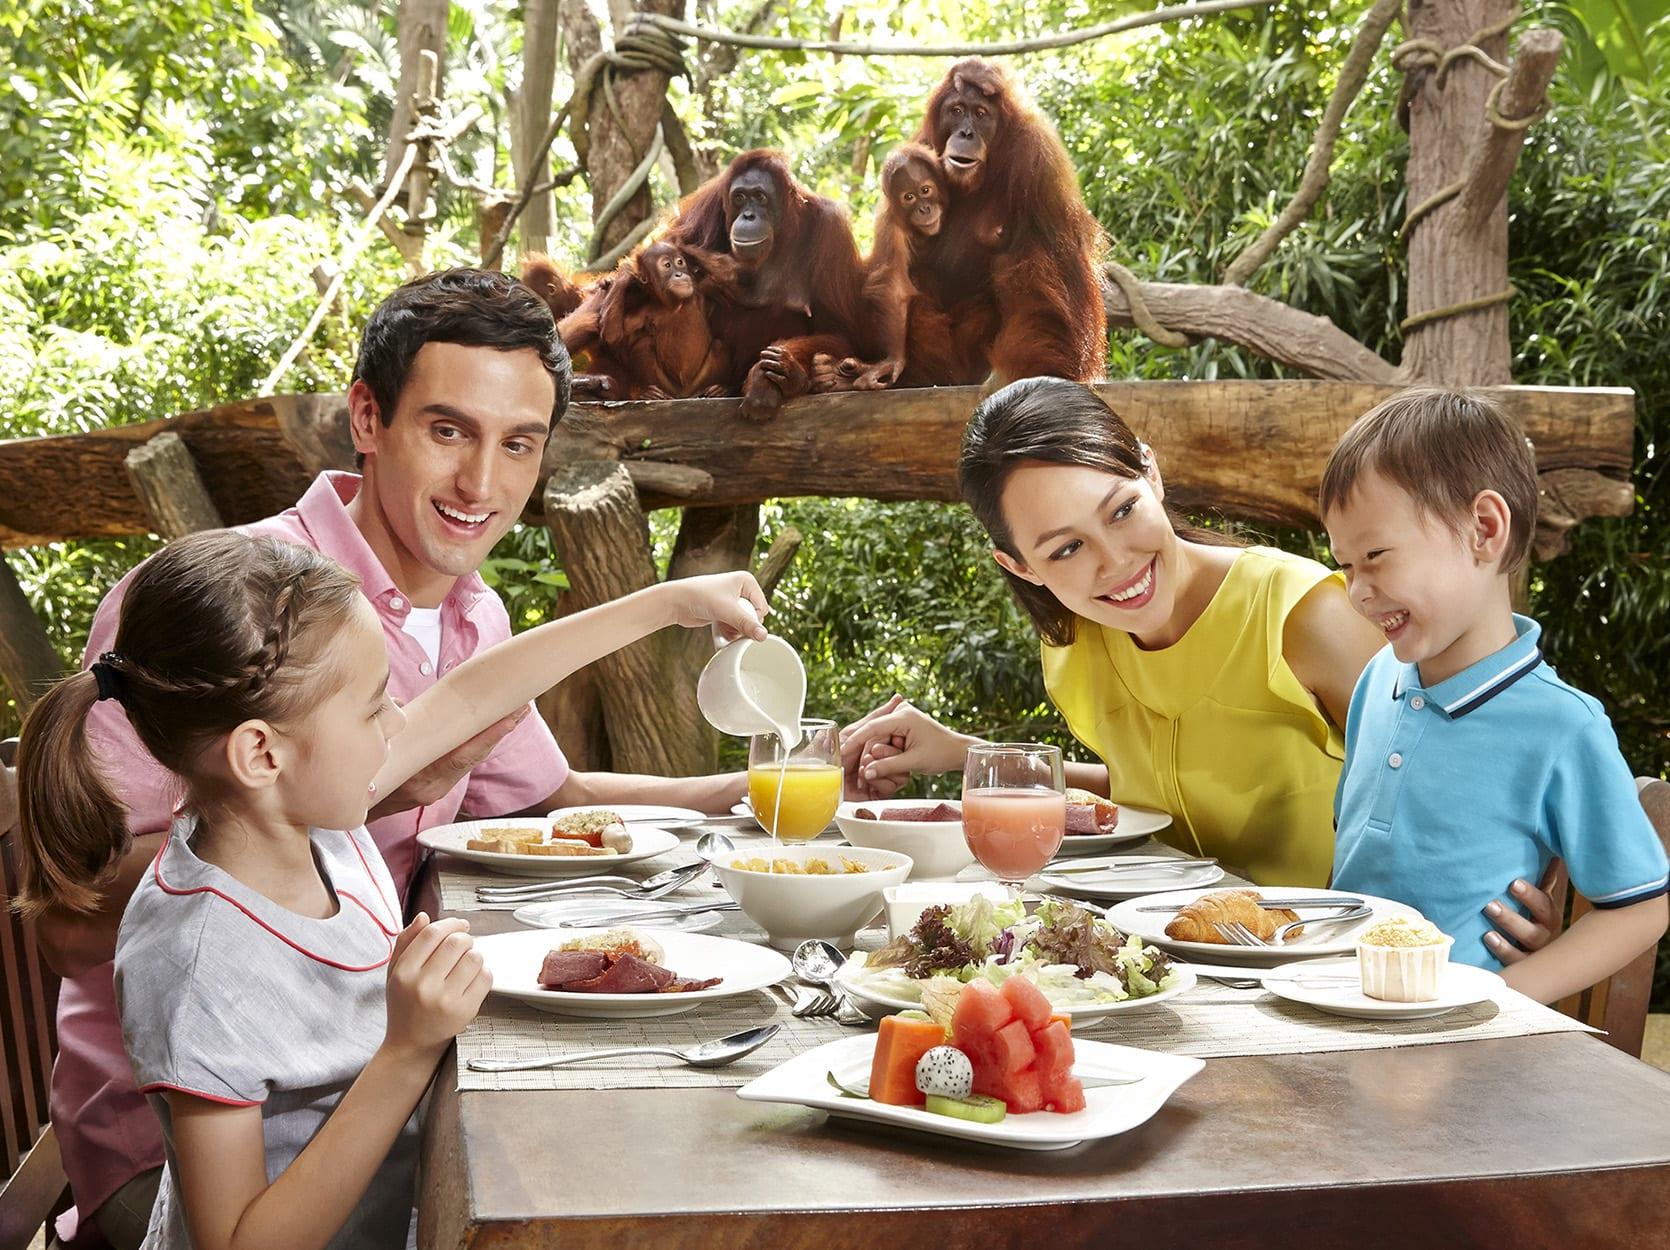 和紅毛猩猩一起共享早餐時光。(圖片取自新加坡動物園官網)